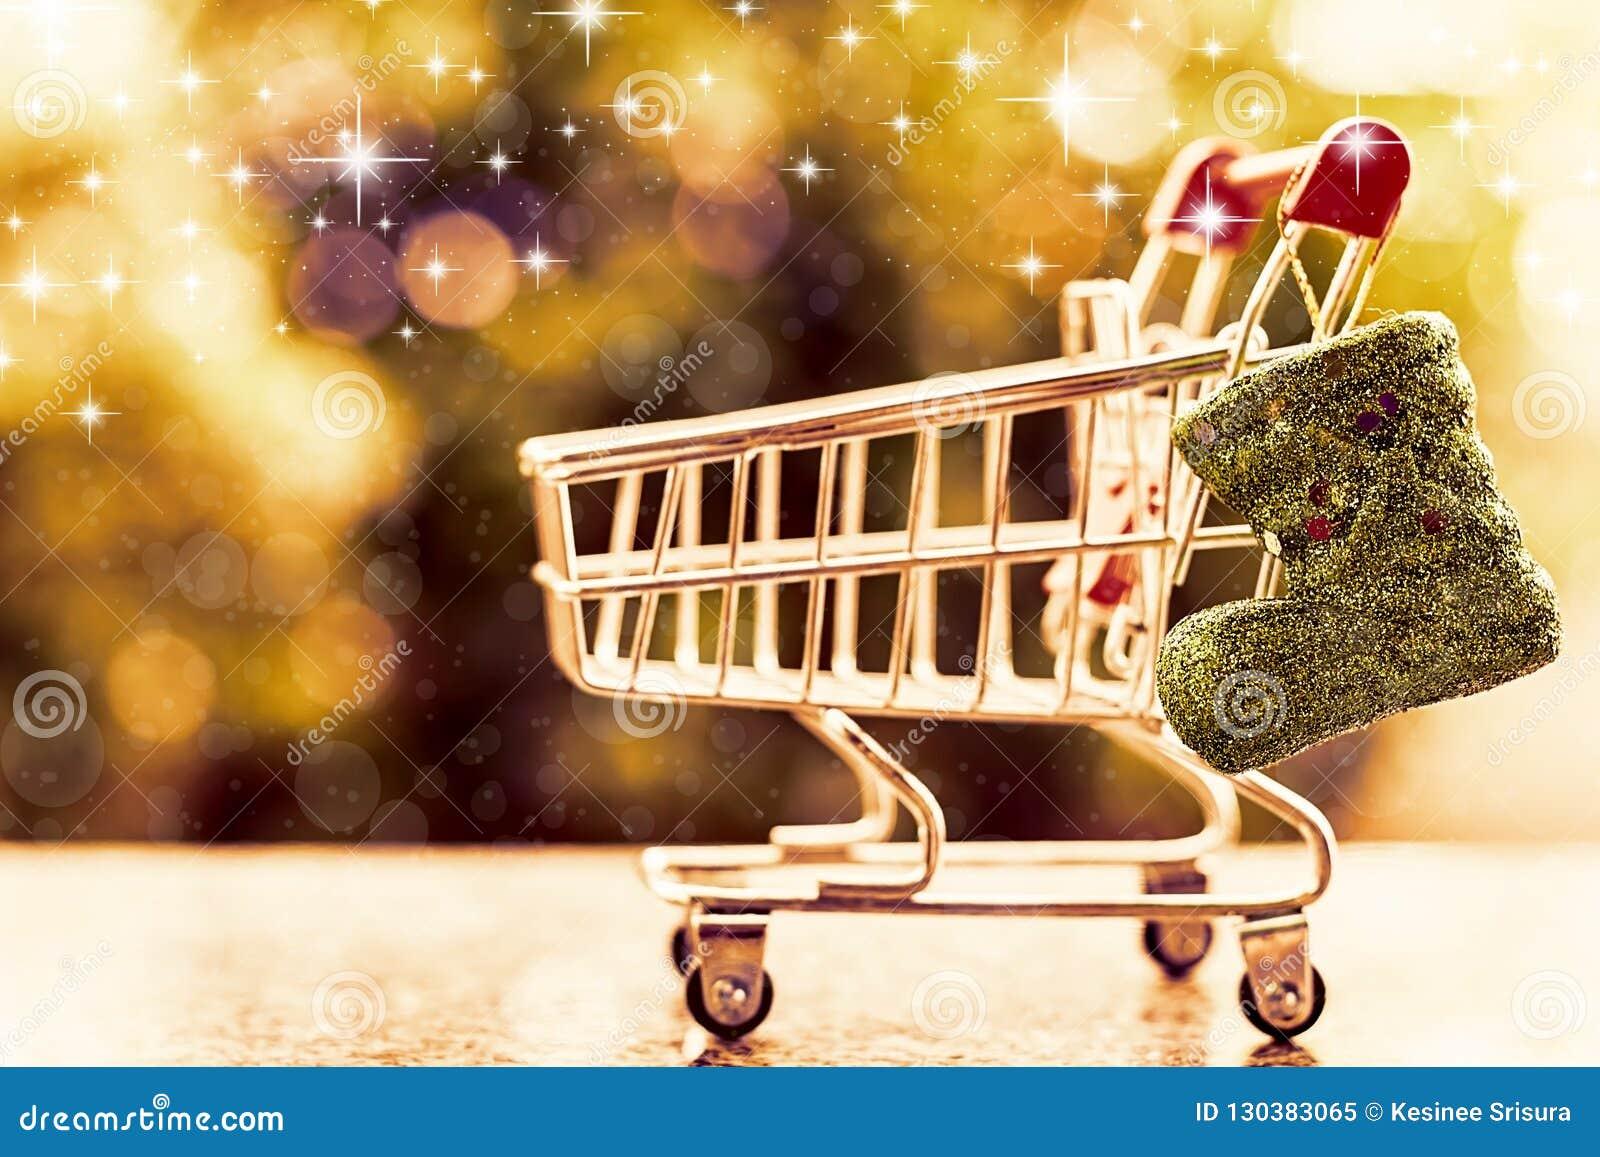 Bota del brillo de Navidad con el mini carro de la compra o carretilla contra azul